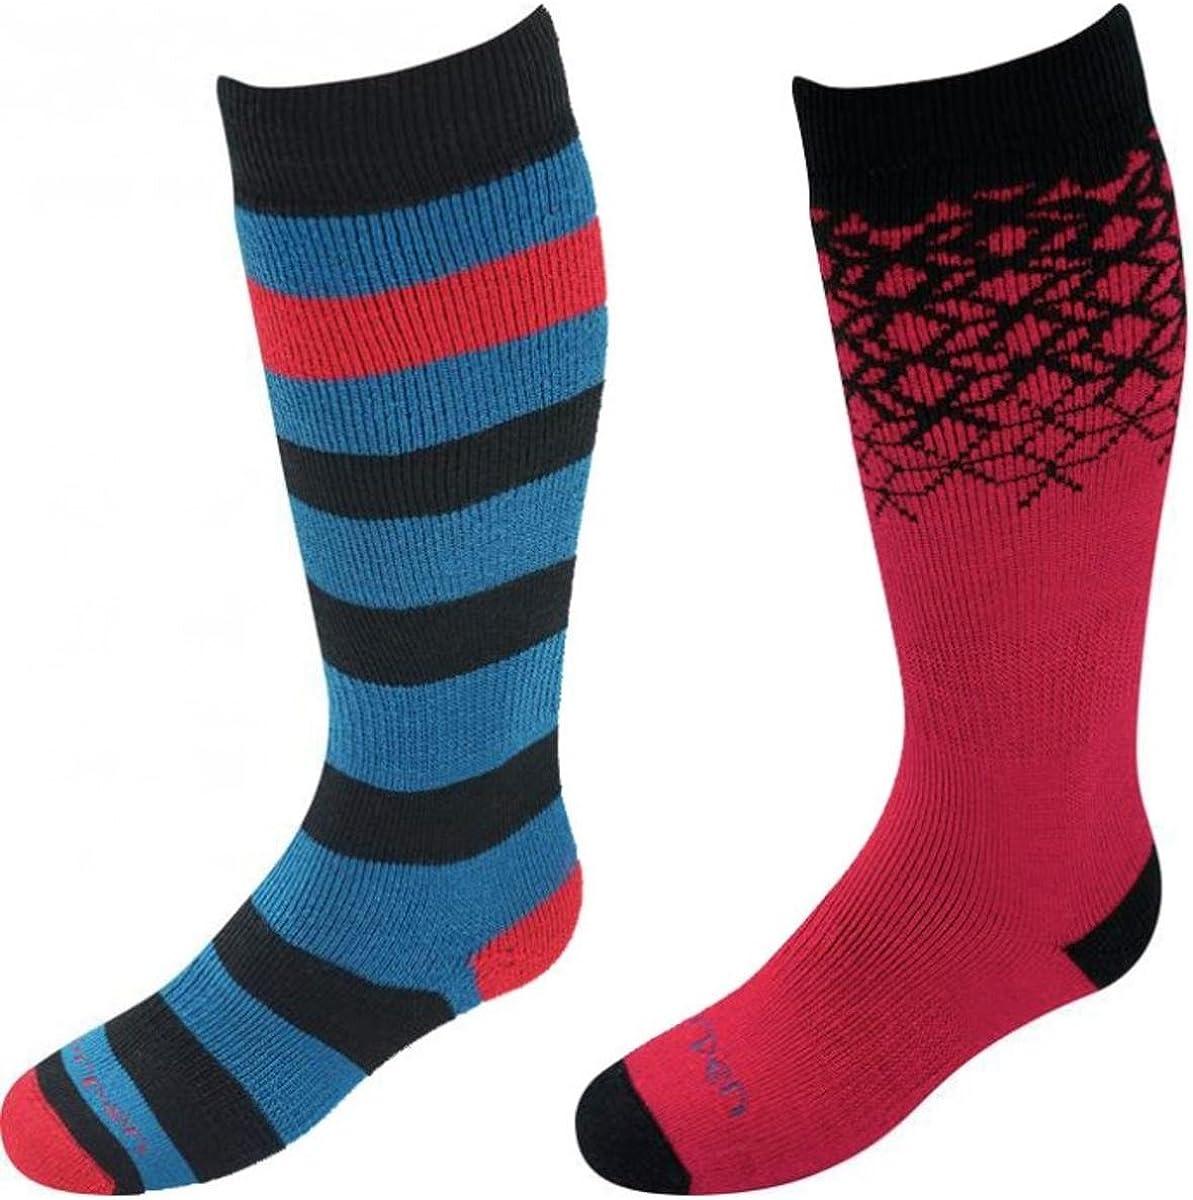 Lorpen Unisex Merino Kids Ski Socks (2-Pack)